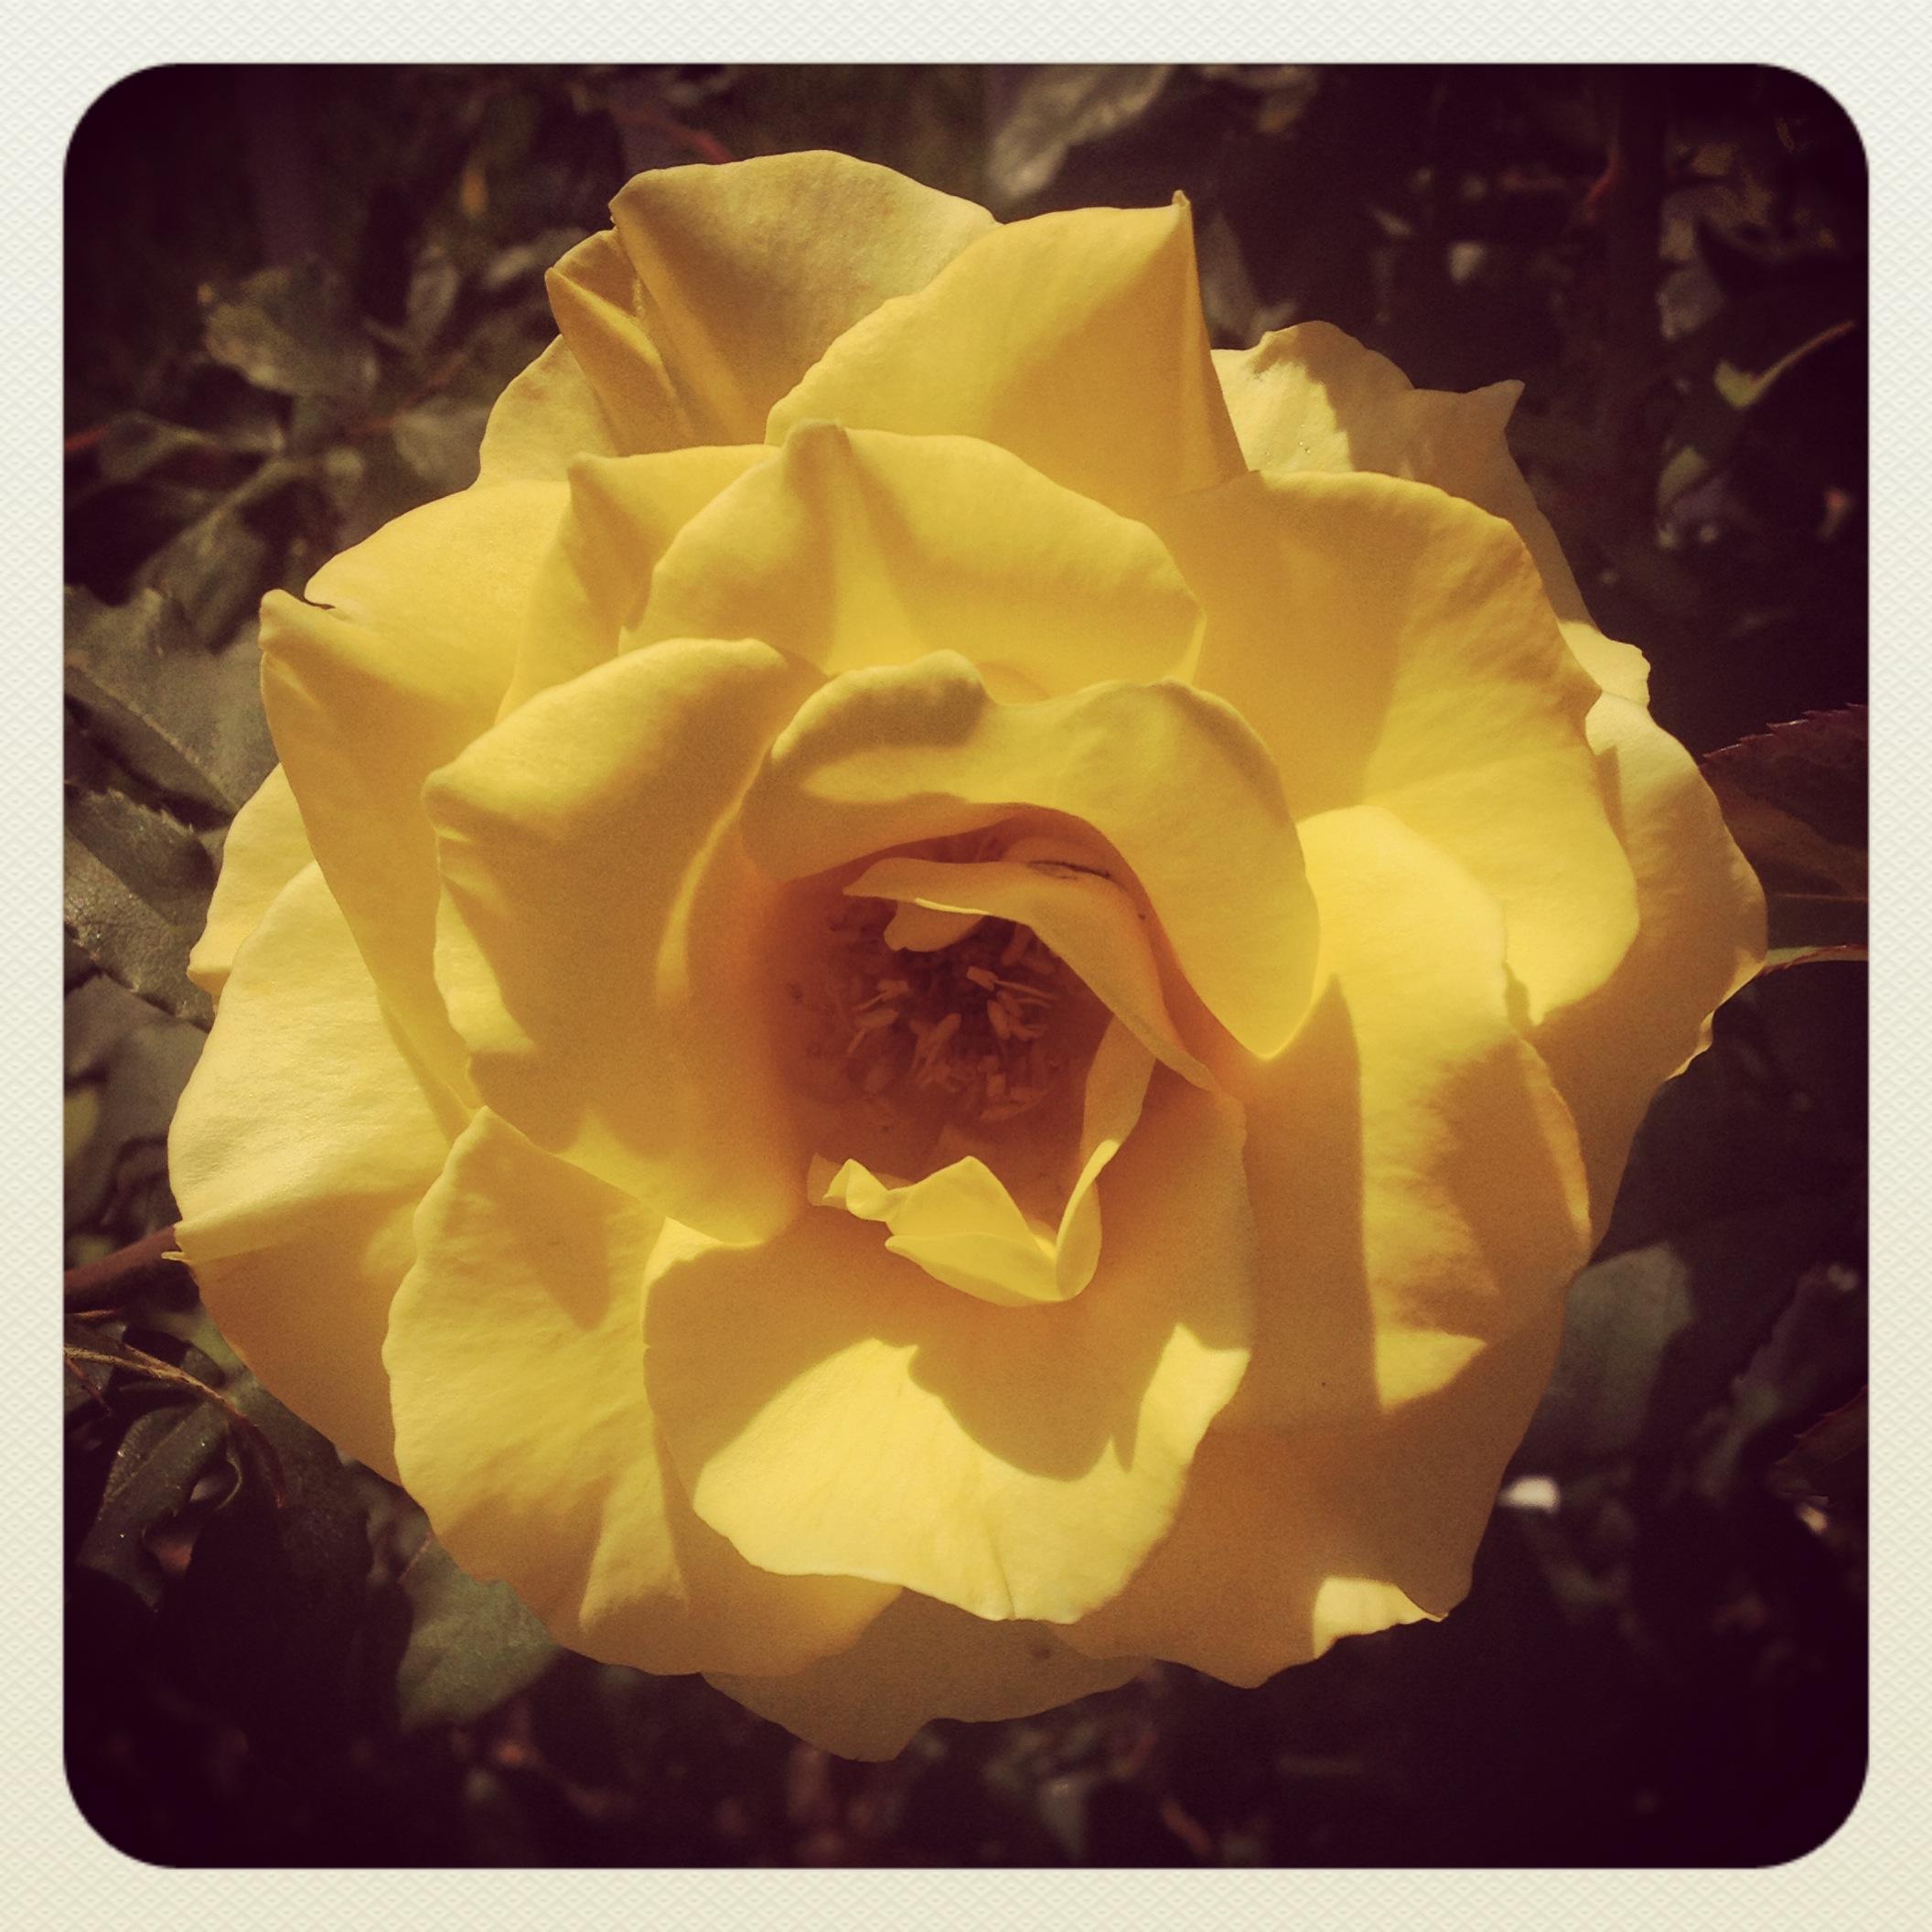 Rose 5/27/14